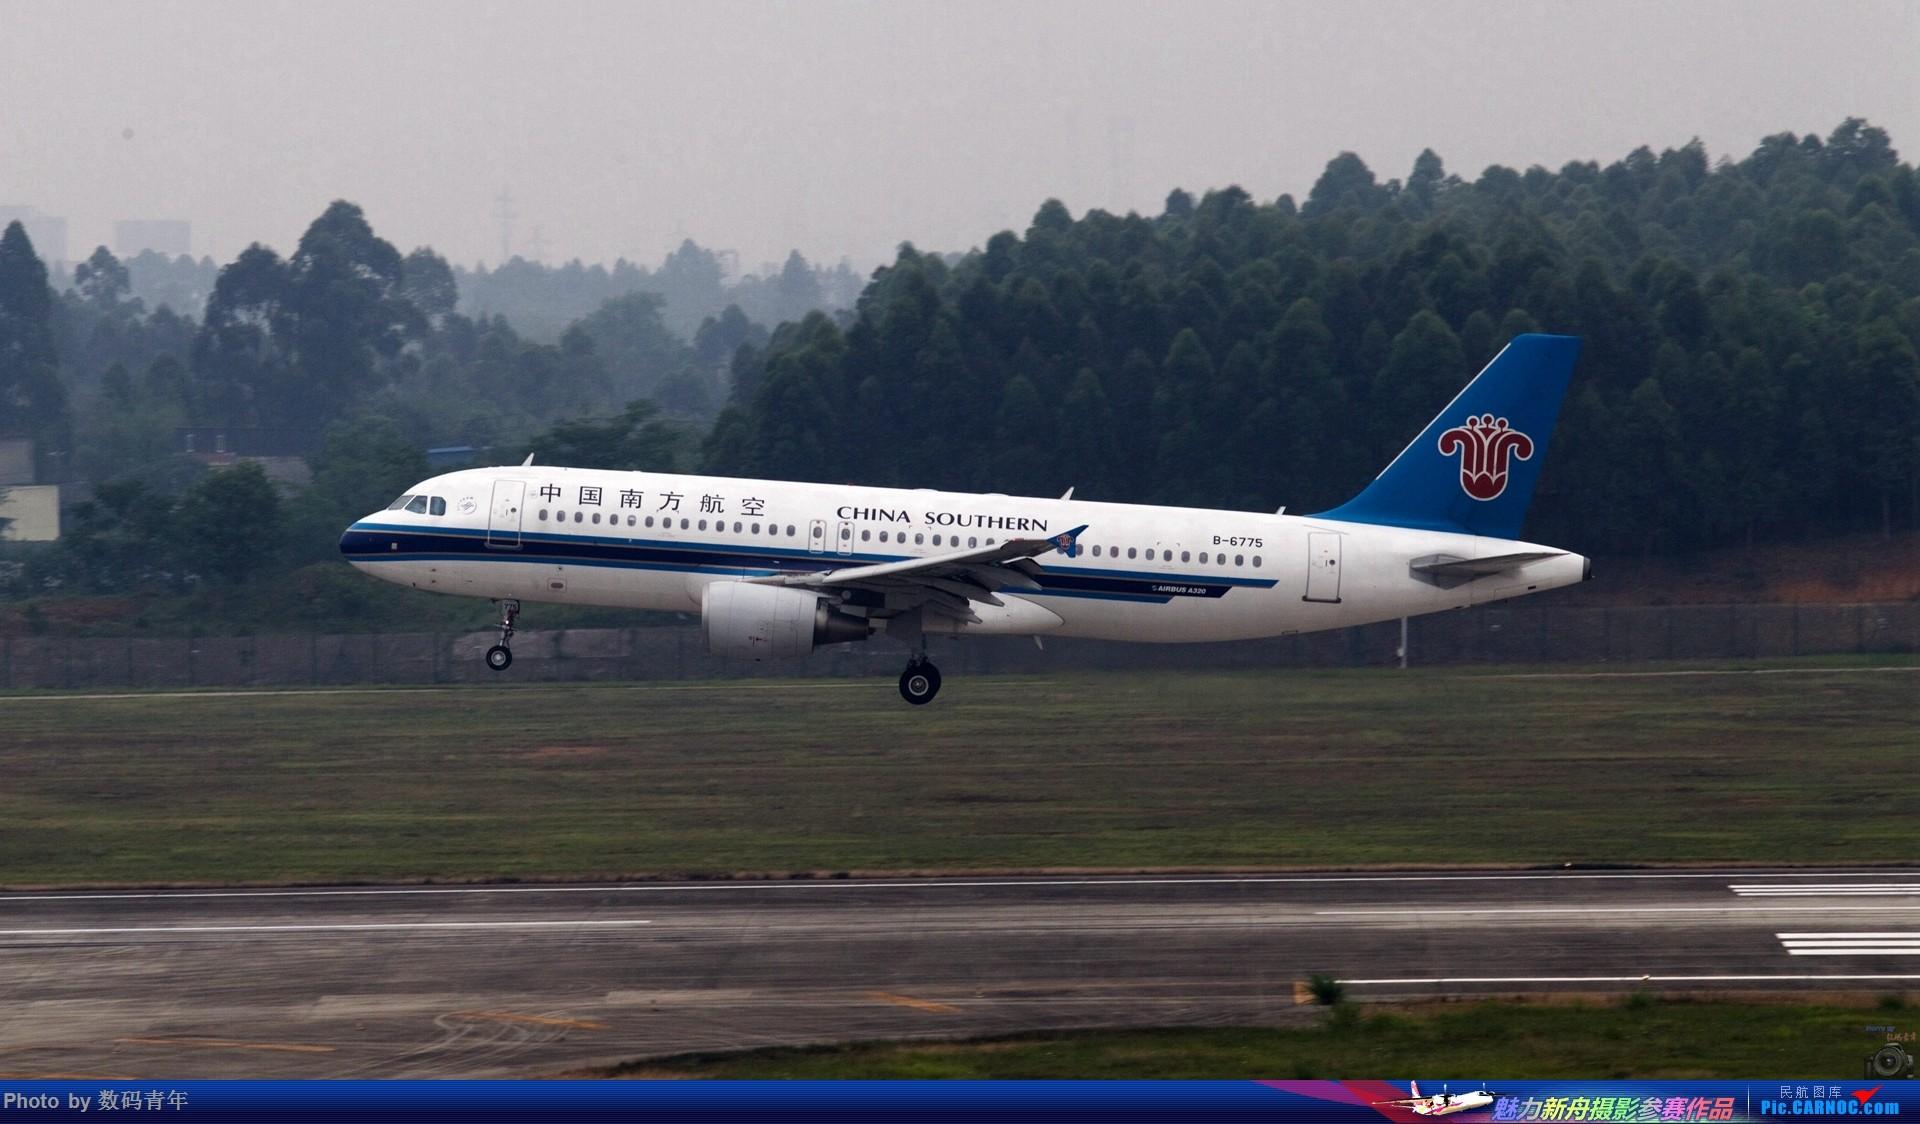 Re:[原创]重出江湖【CTU】2015.5.17打飞机 AIRBUS A320-200 B-6775 中国成都双流国际机场